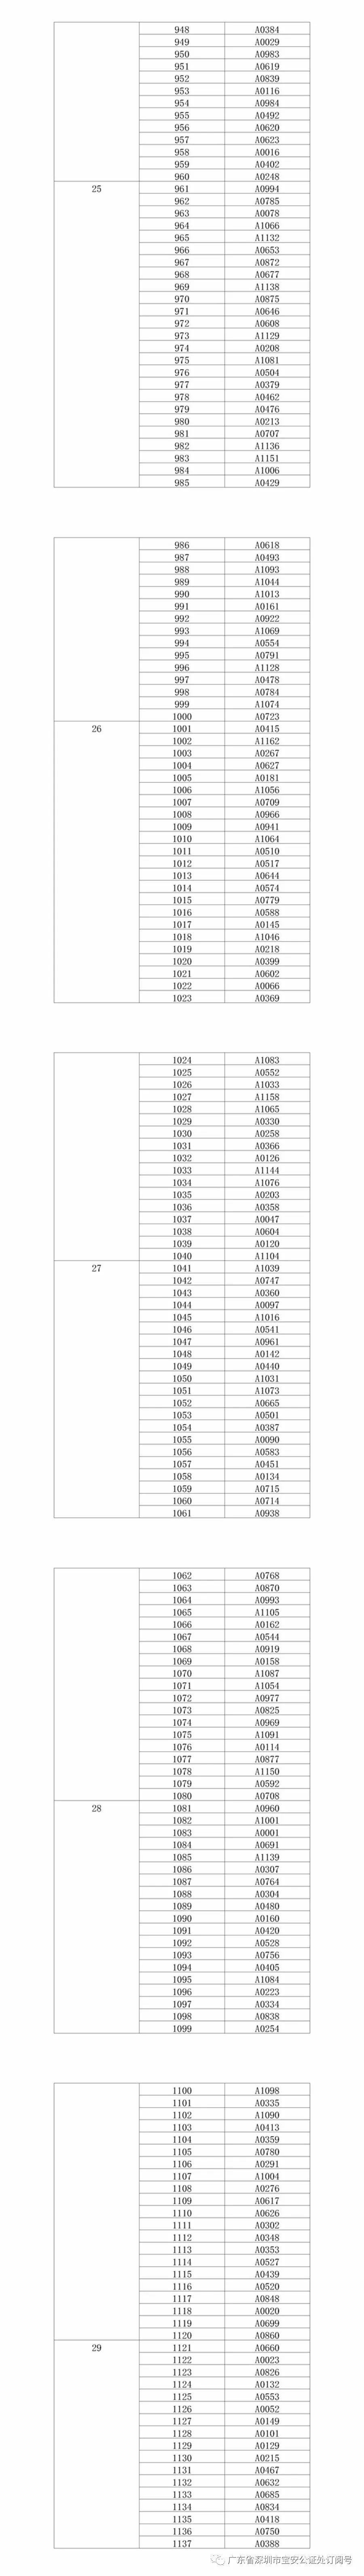 1177批无户选416套,宝安松风明月公证摇号结果出炉!